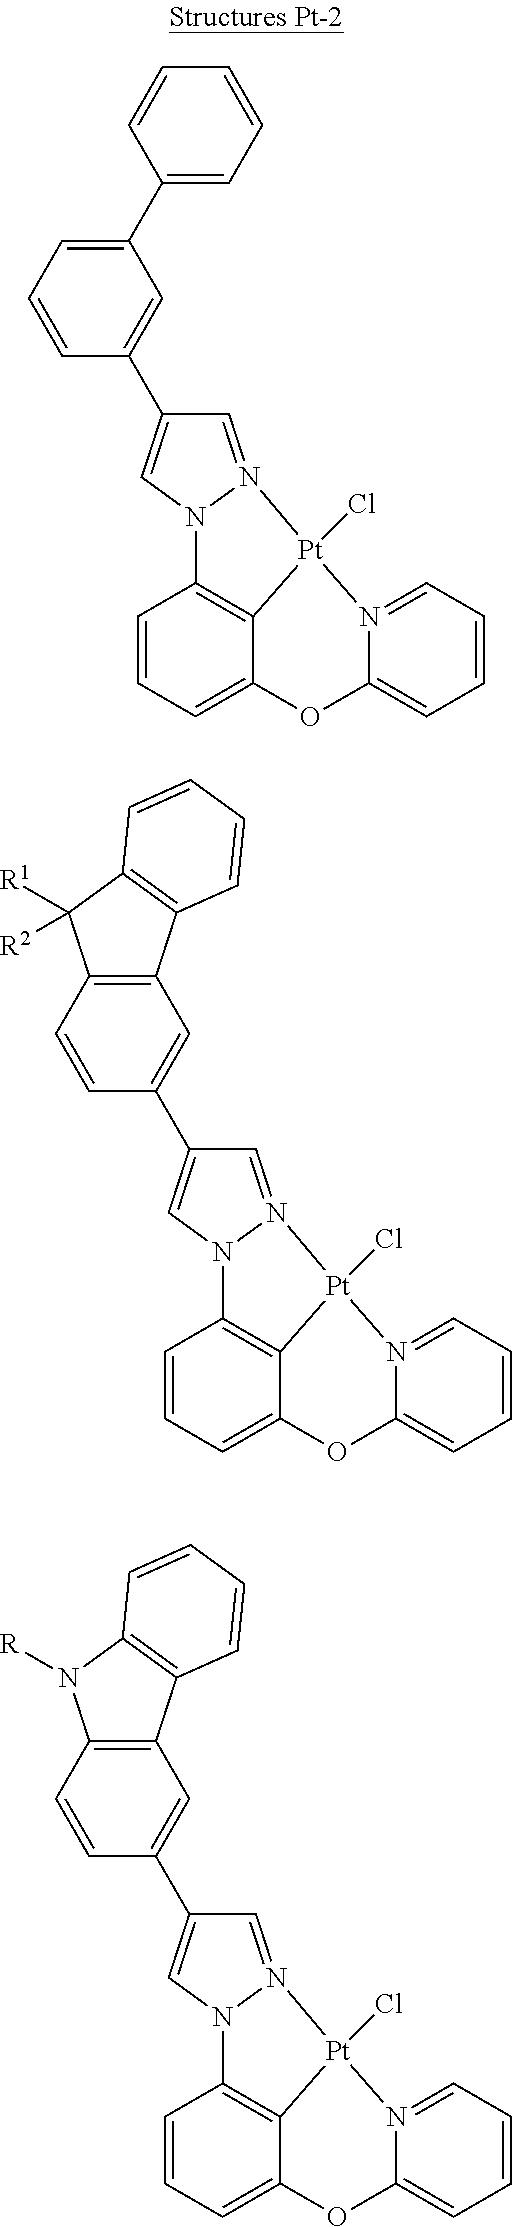 Figure US09818959-20171114-C00506